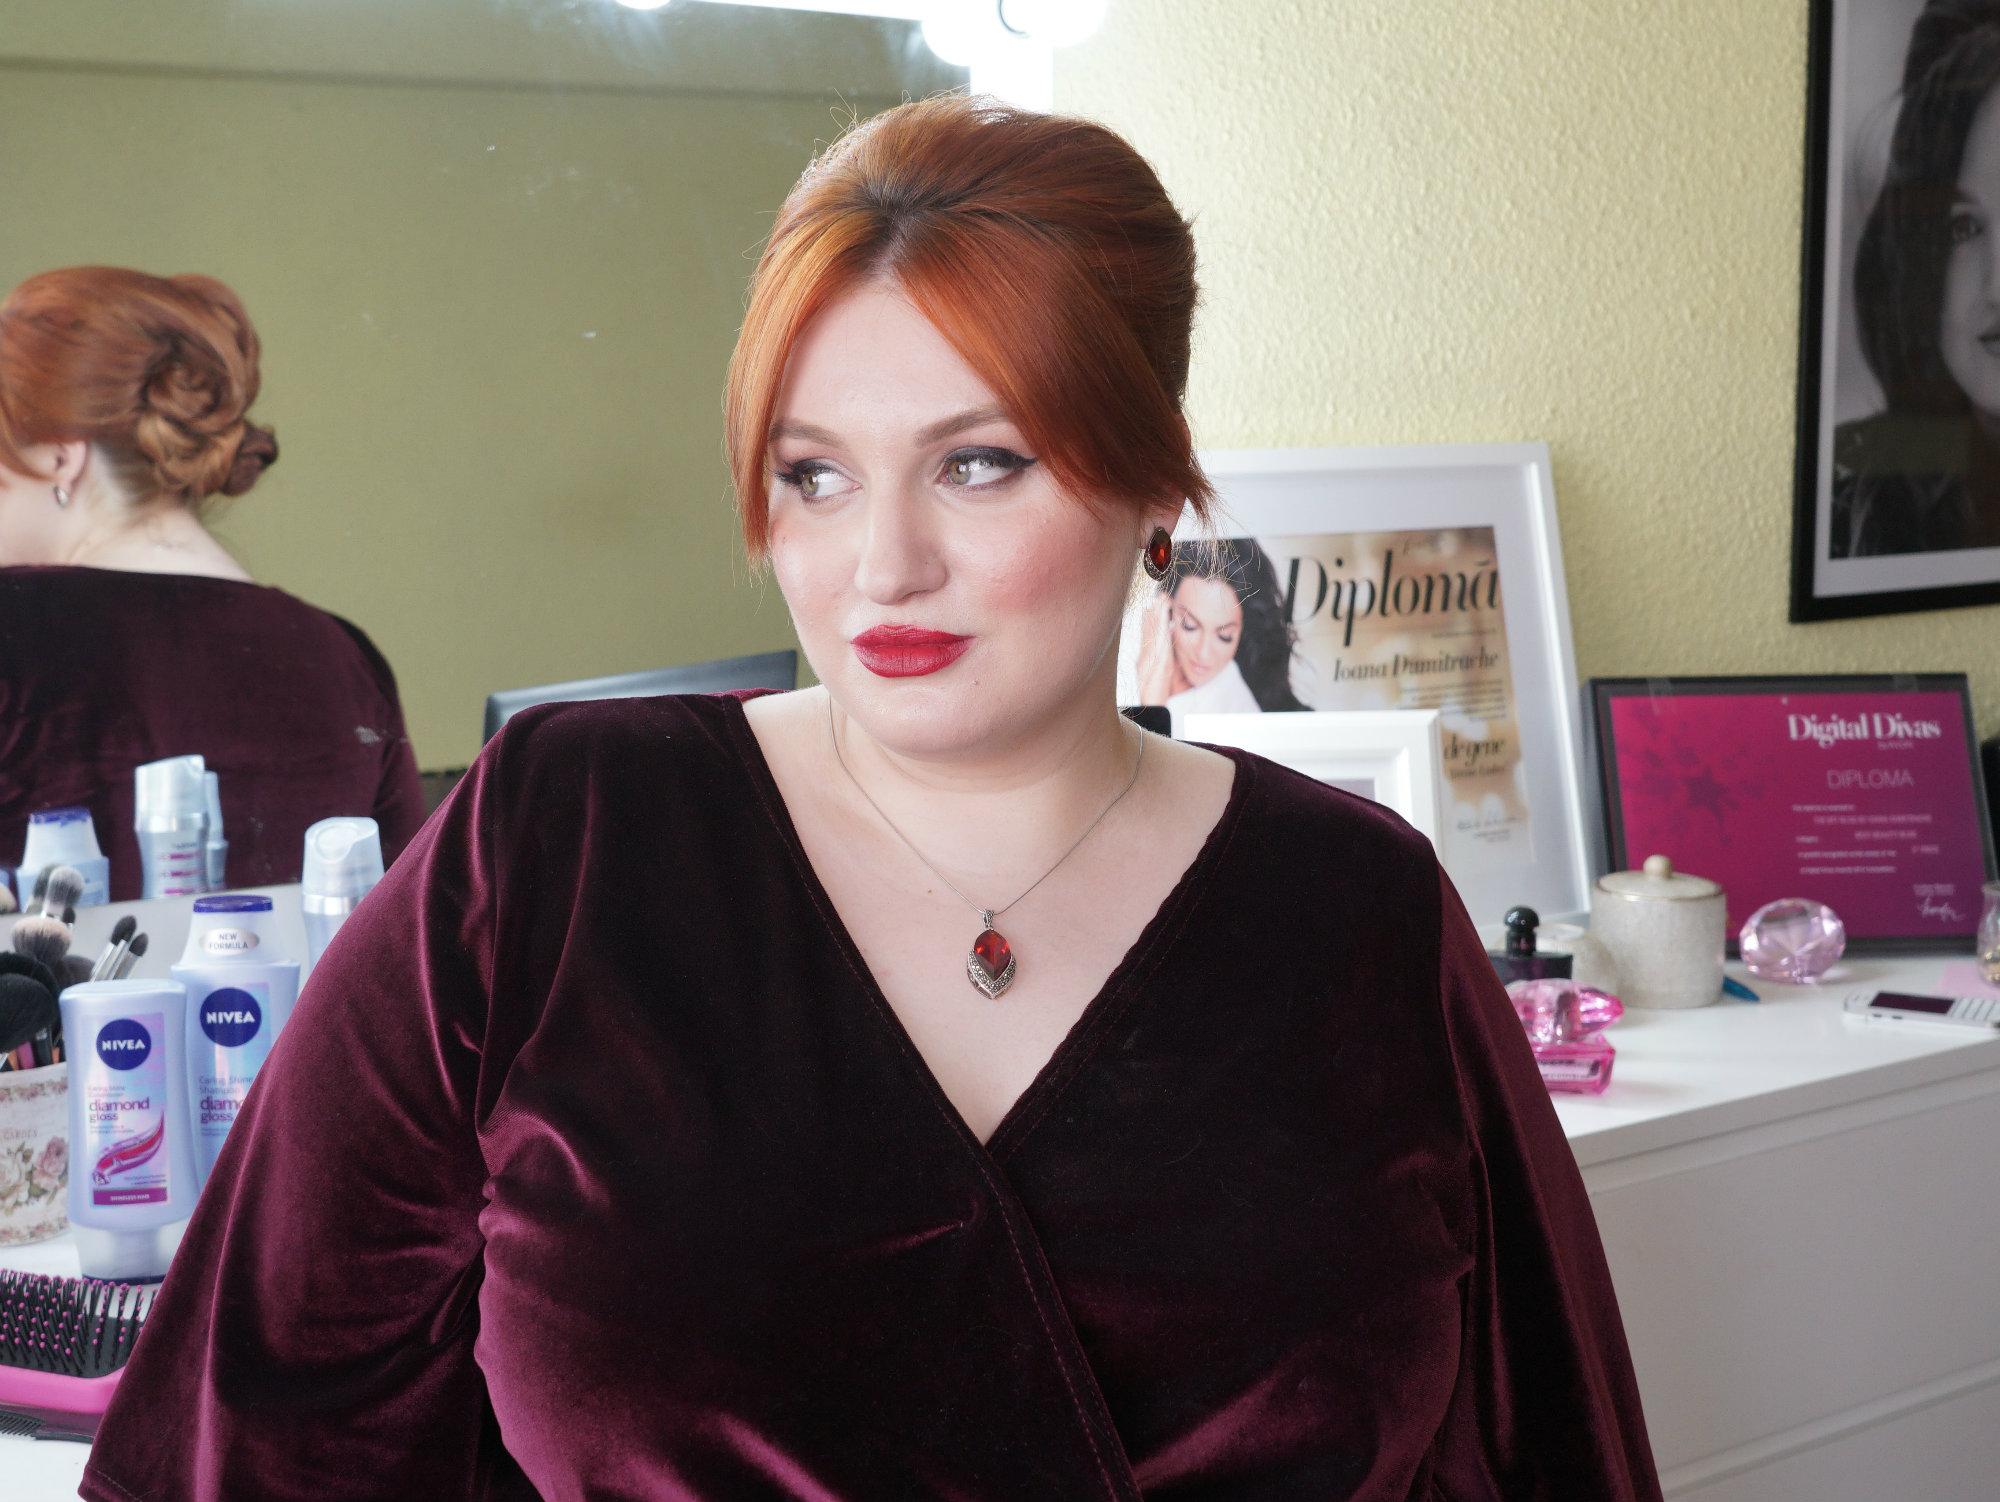 Hair tutorial: Cum să-ţi faci un coc sofisticat în doar câteva minute